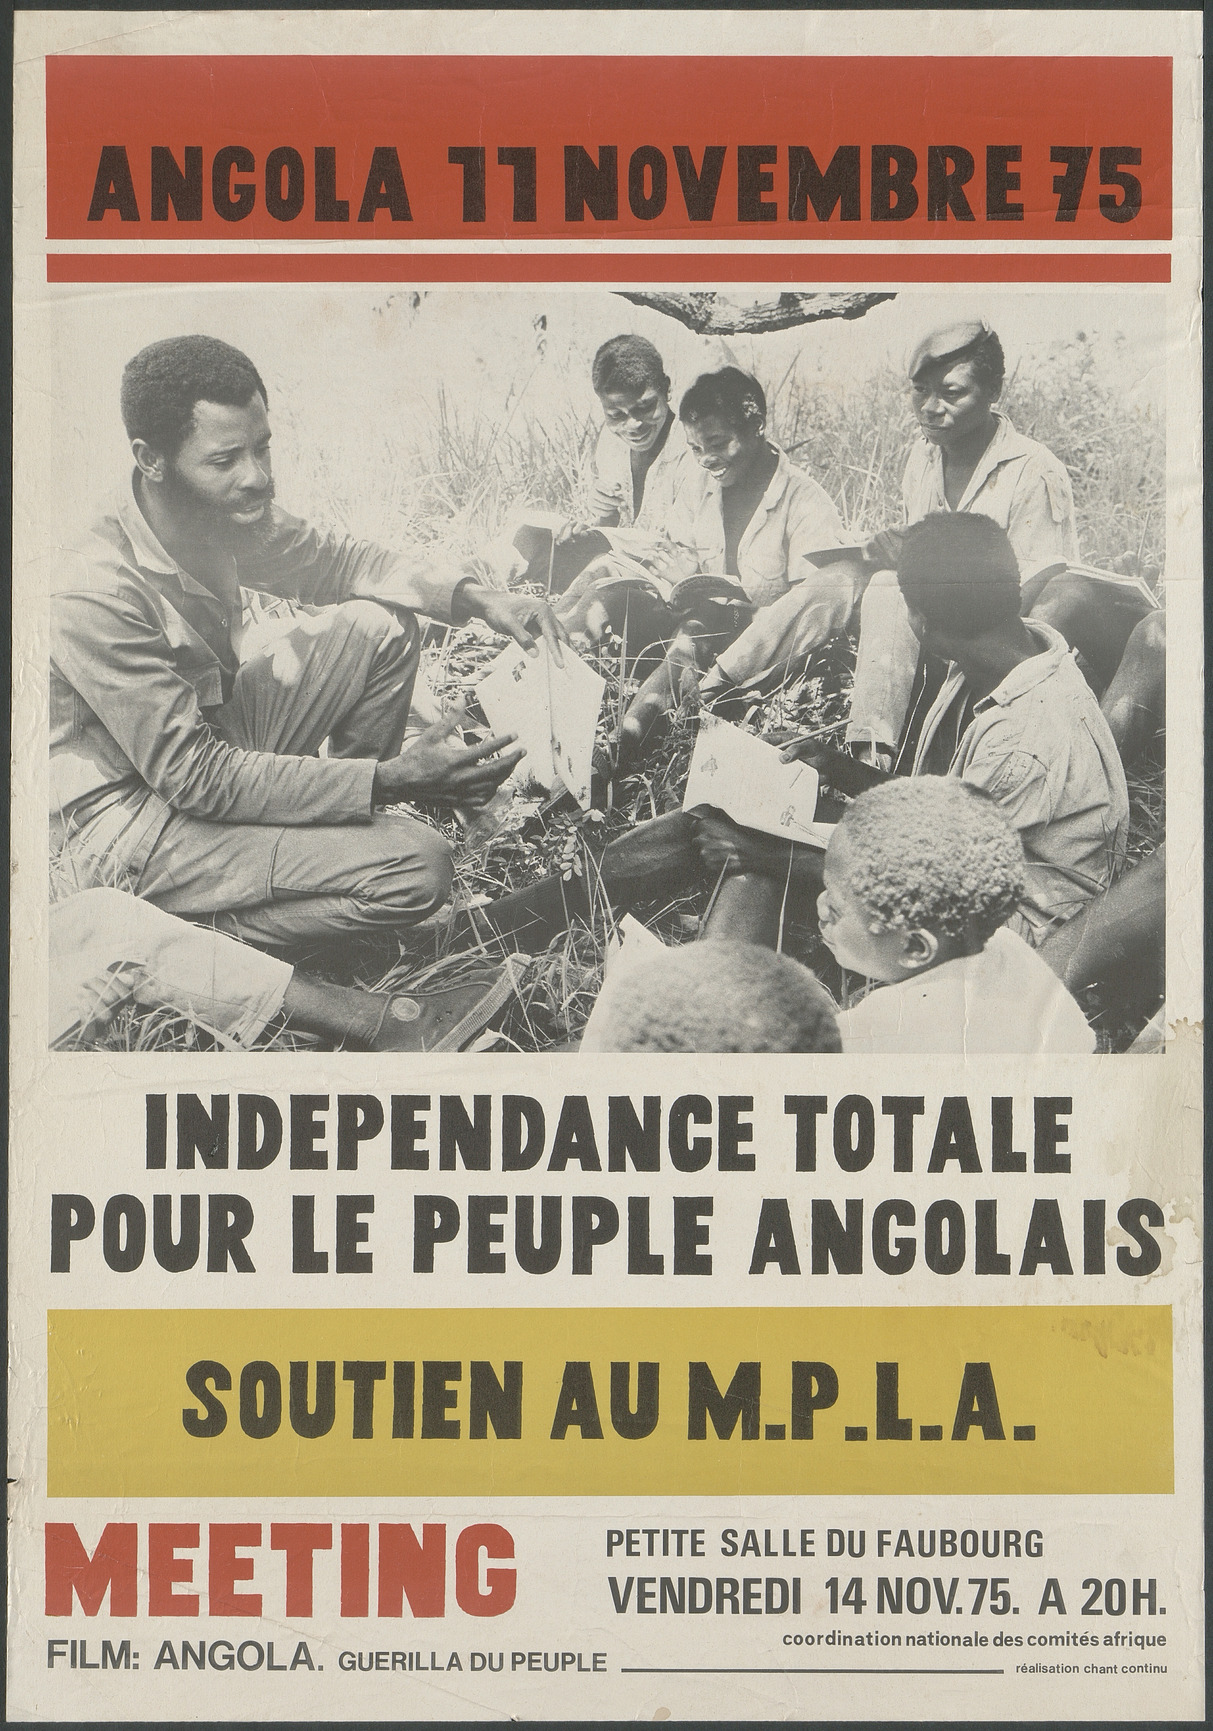 Angola 11 novembre 1975 Aff 0141